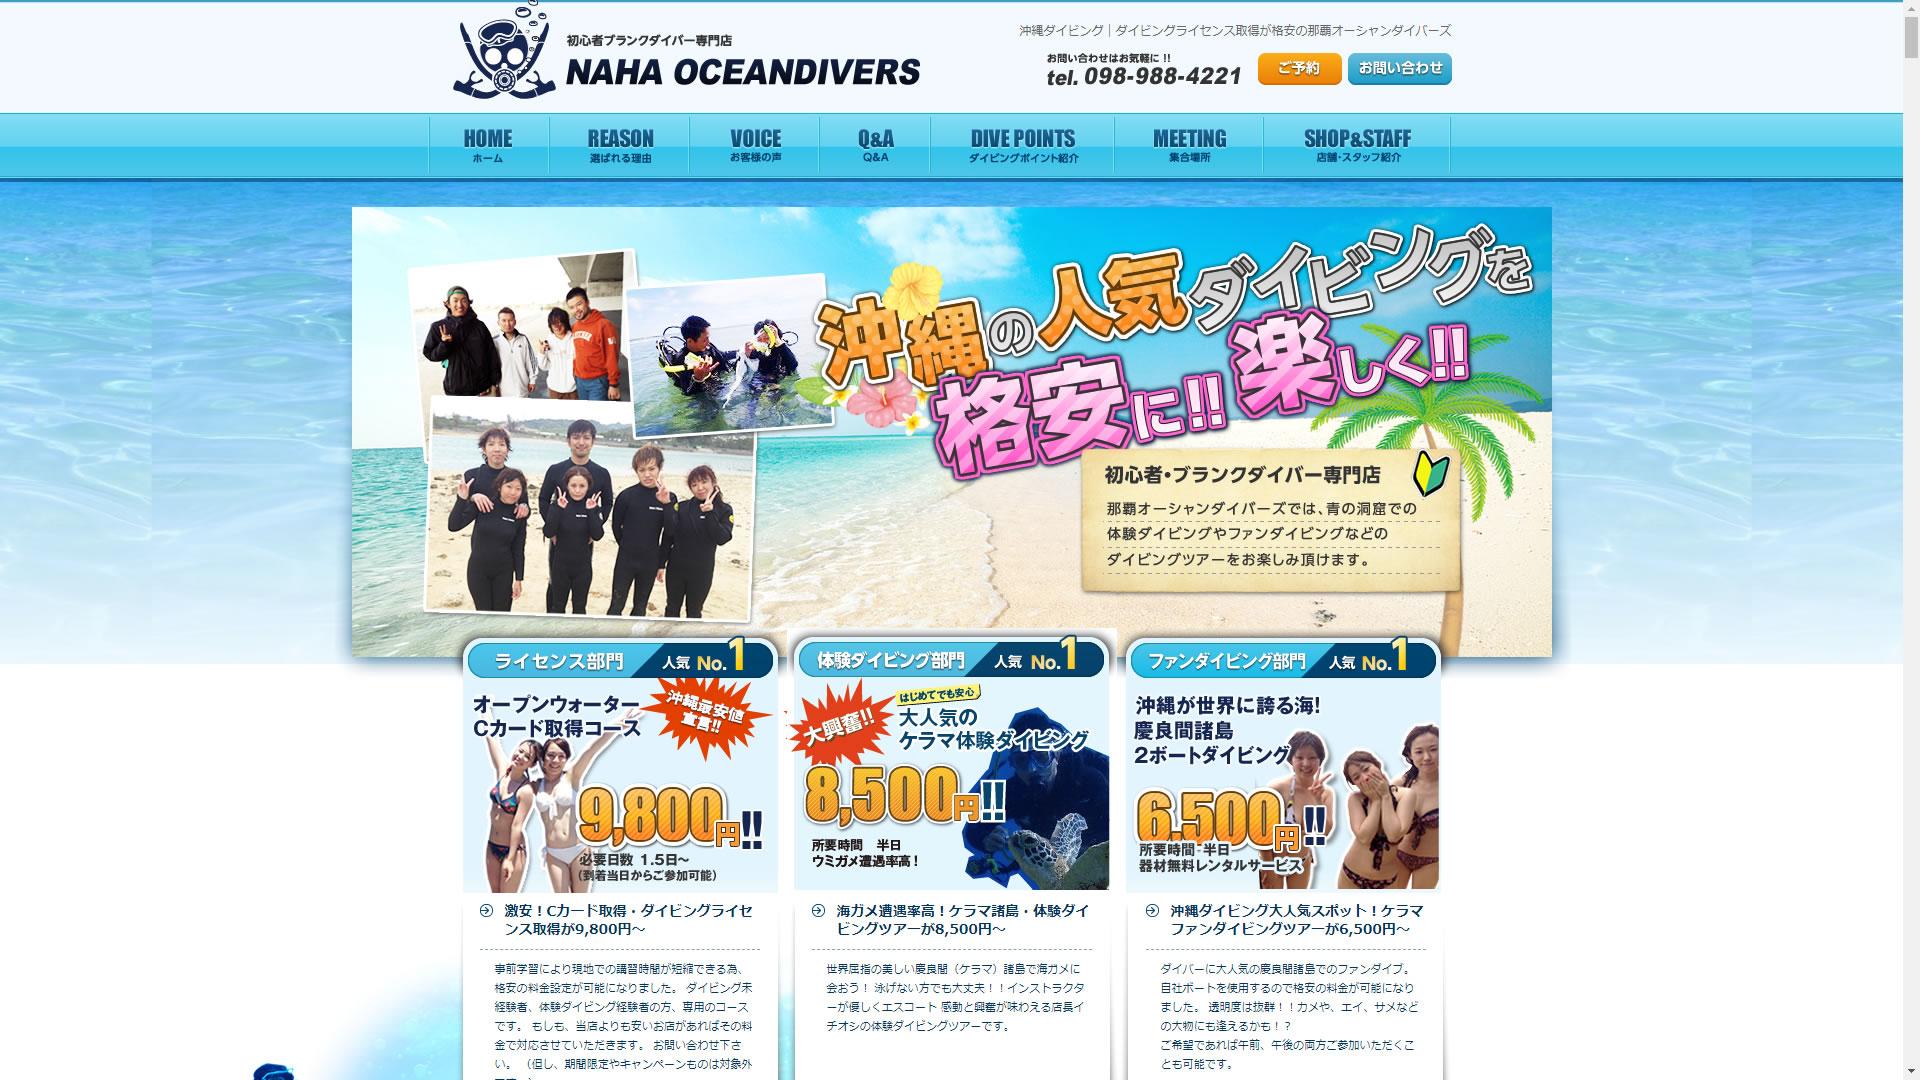 沖縄ダイビング|ダイビングライセンス取得が格安の那覇オーシャンダイバーズ